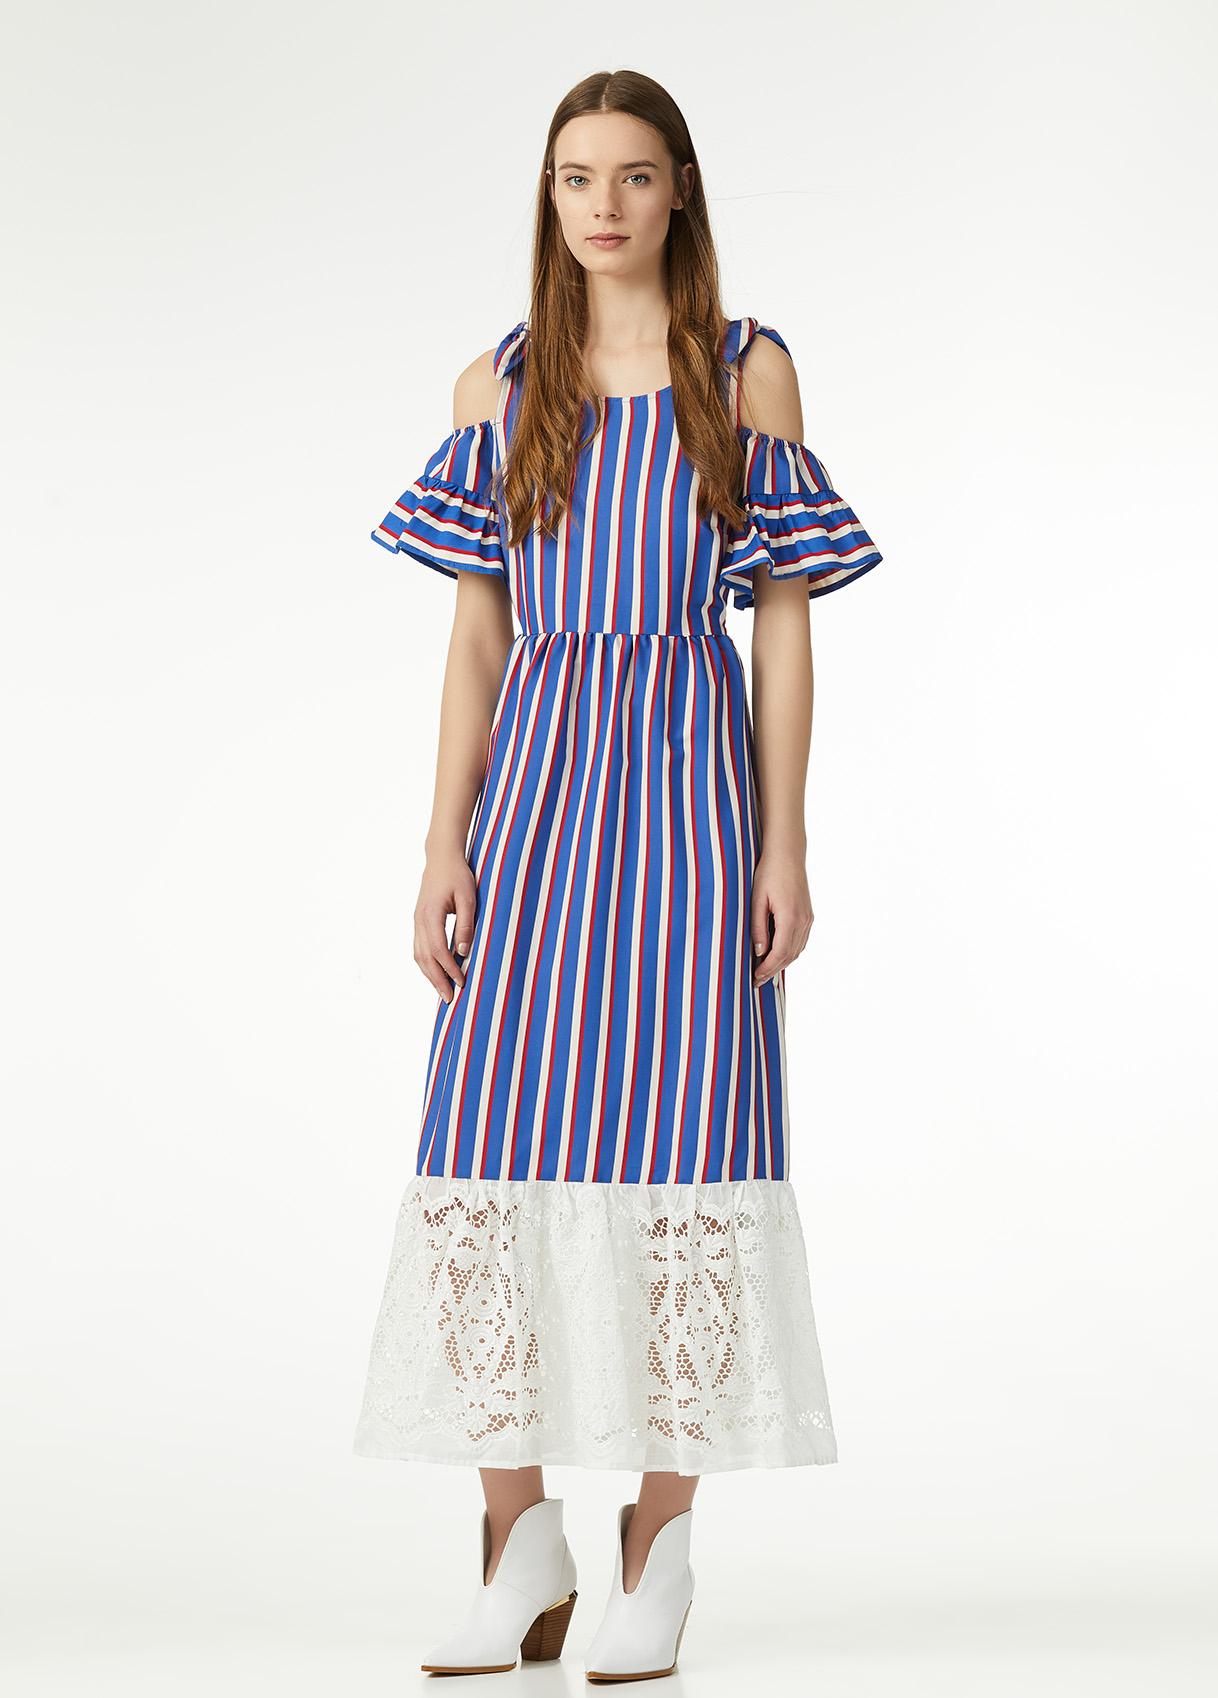 8059599950090-Dresses-Maxidresses-F19228T2311B3332-I-AF-N-N-01-N